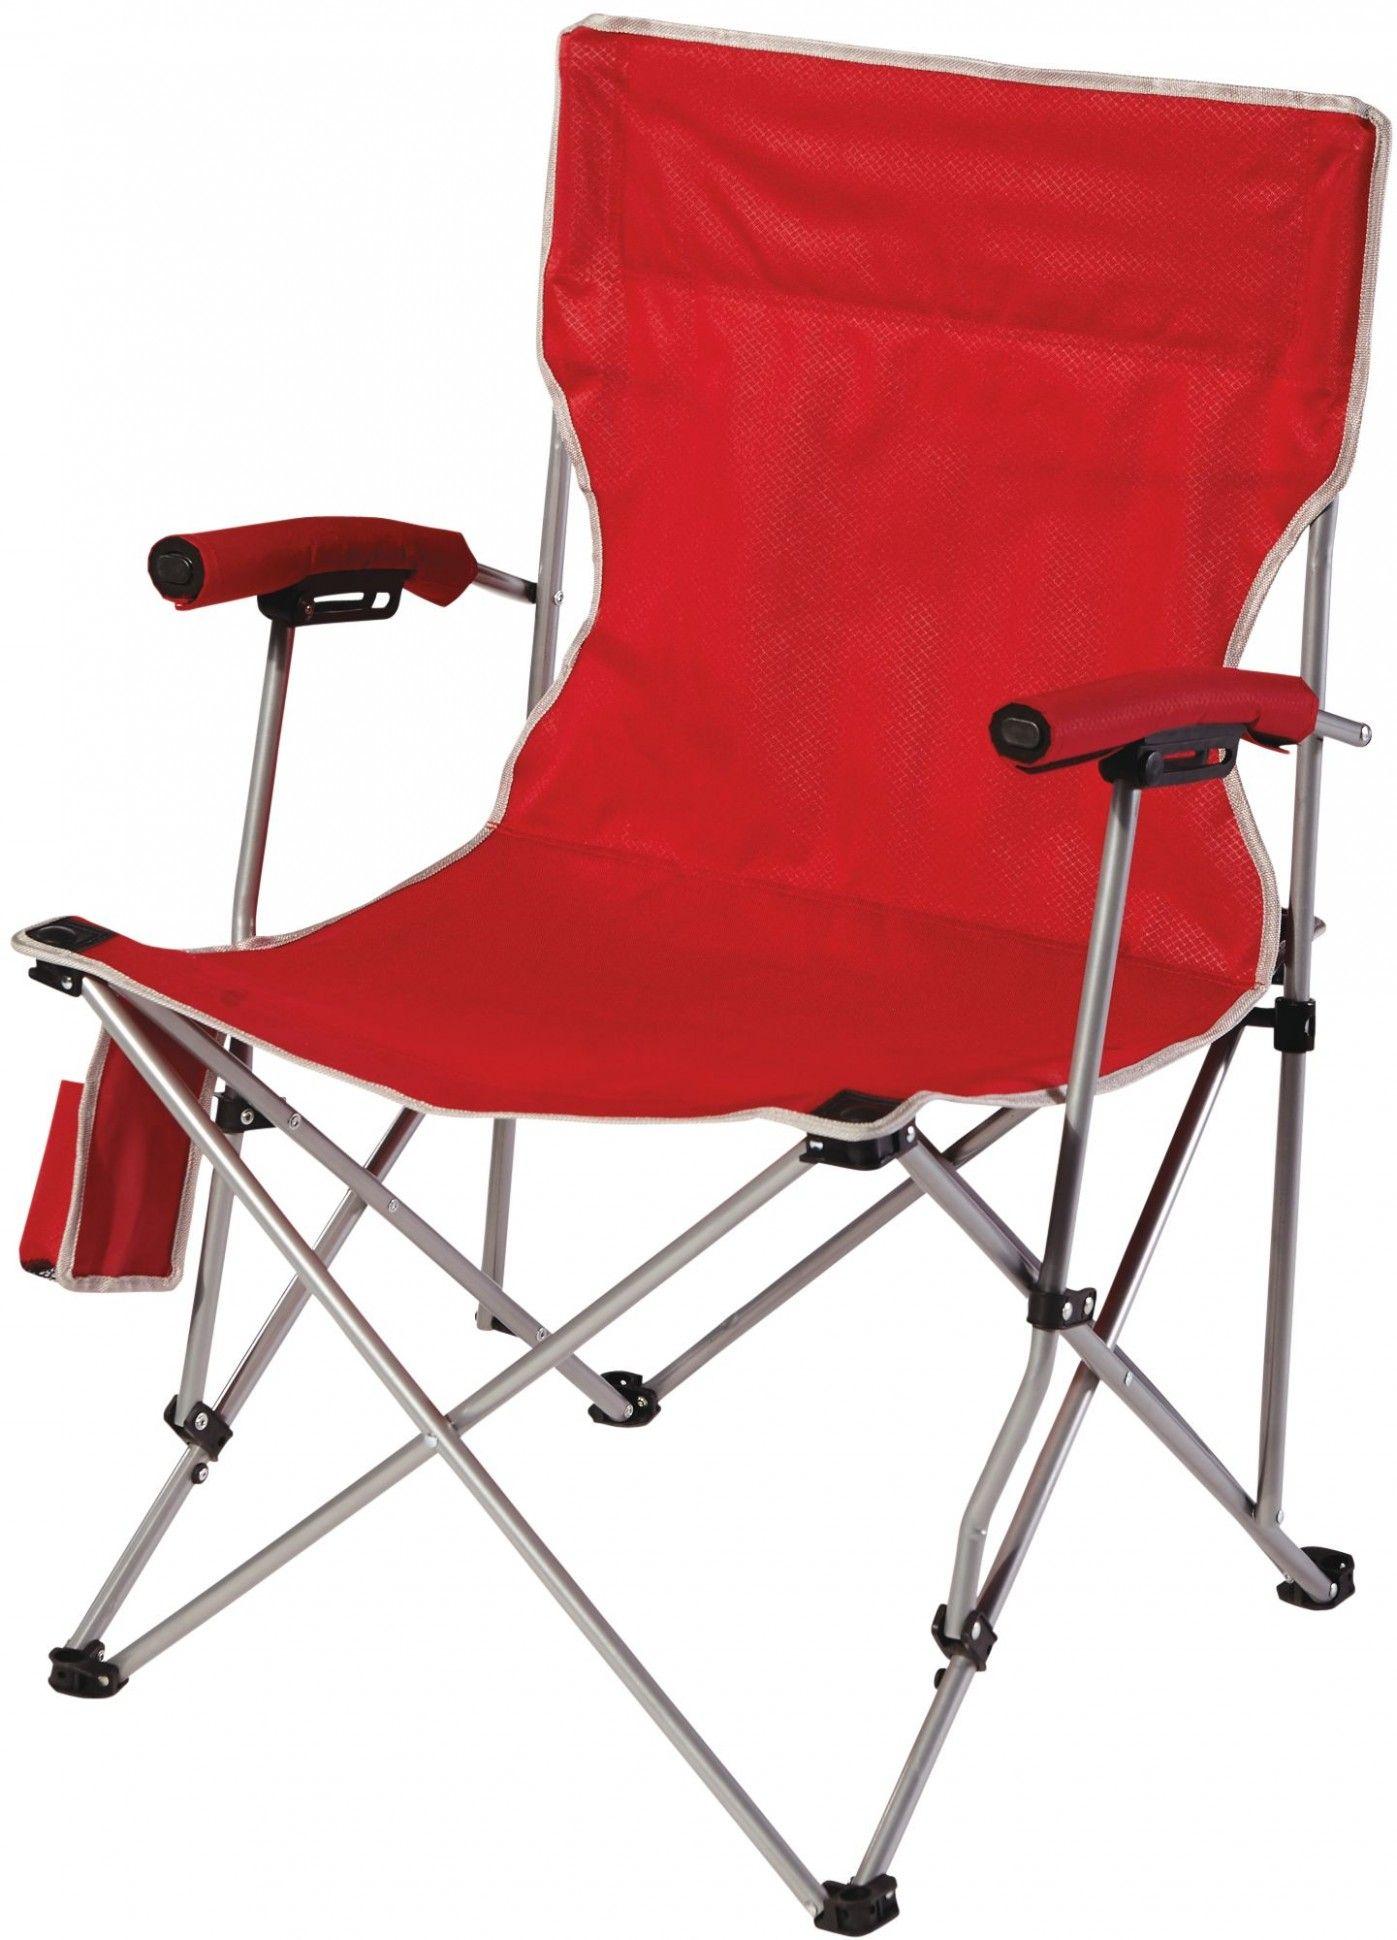 Quest Garden Chairs in 9  Armchair, Chair, Garden chairs